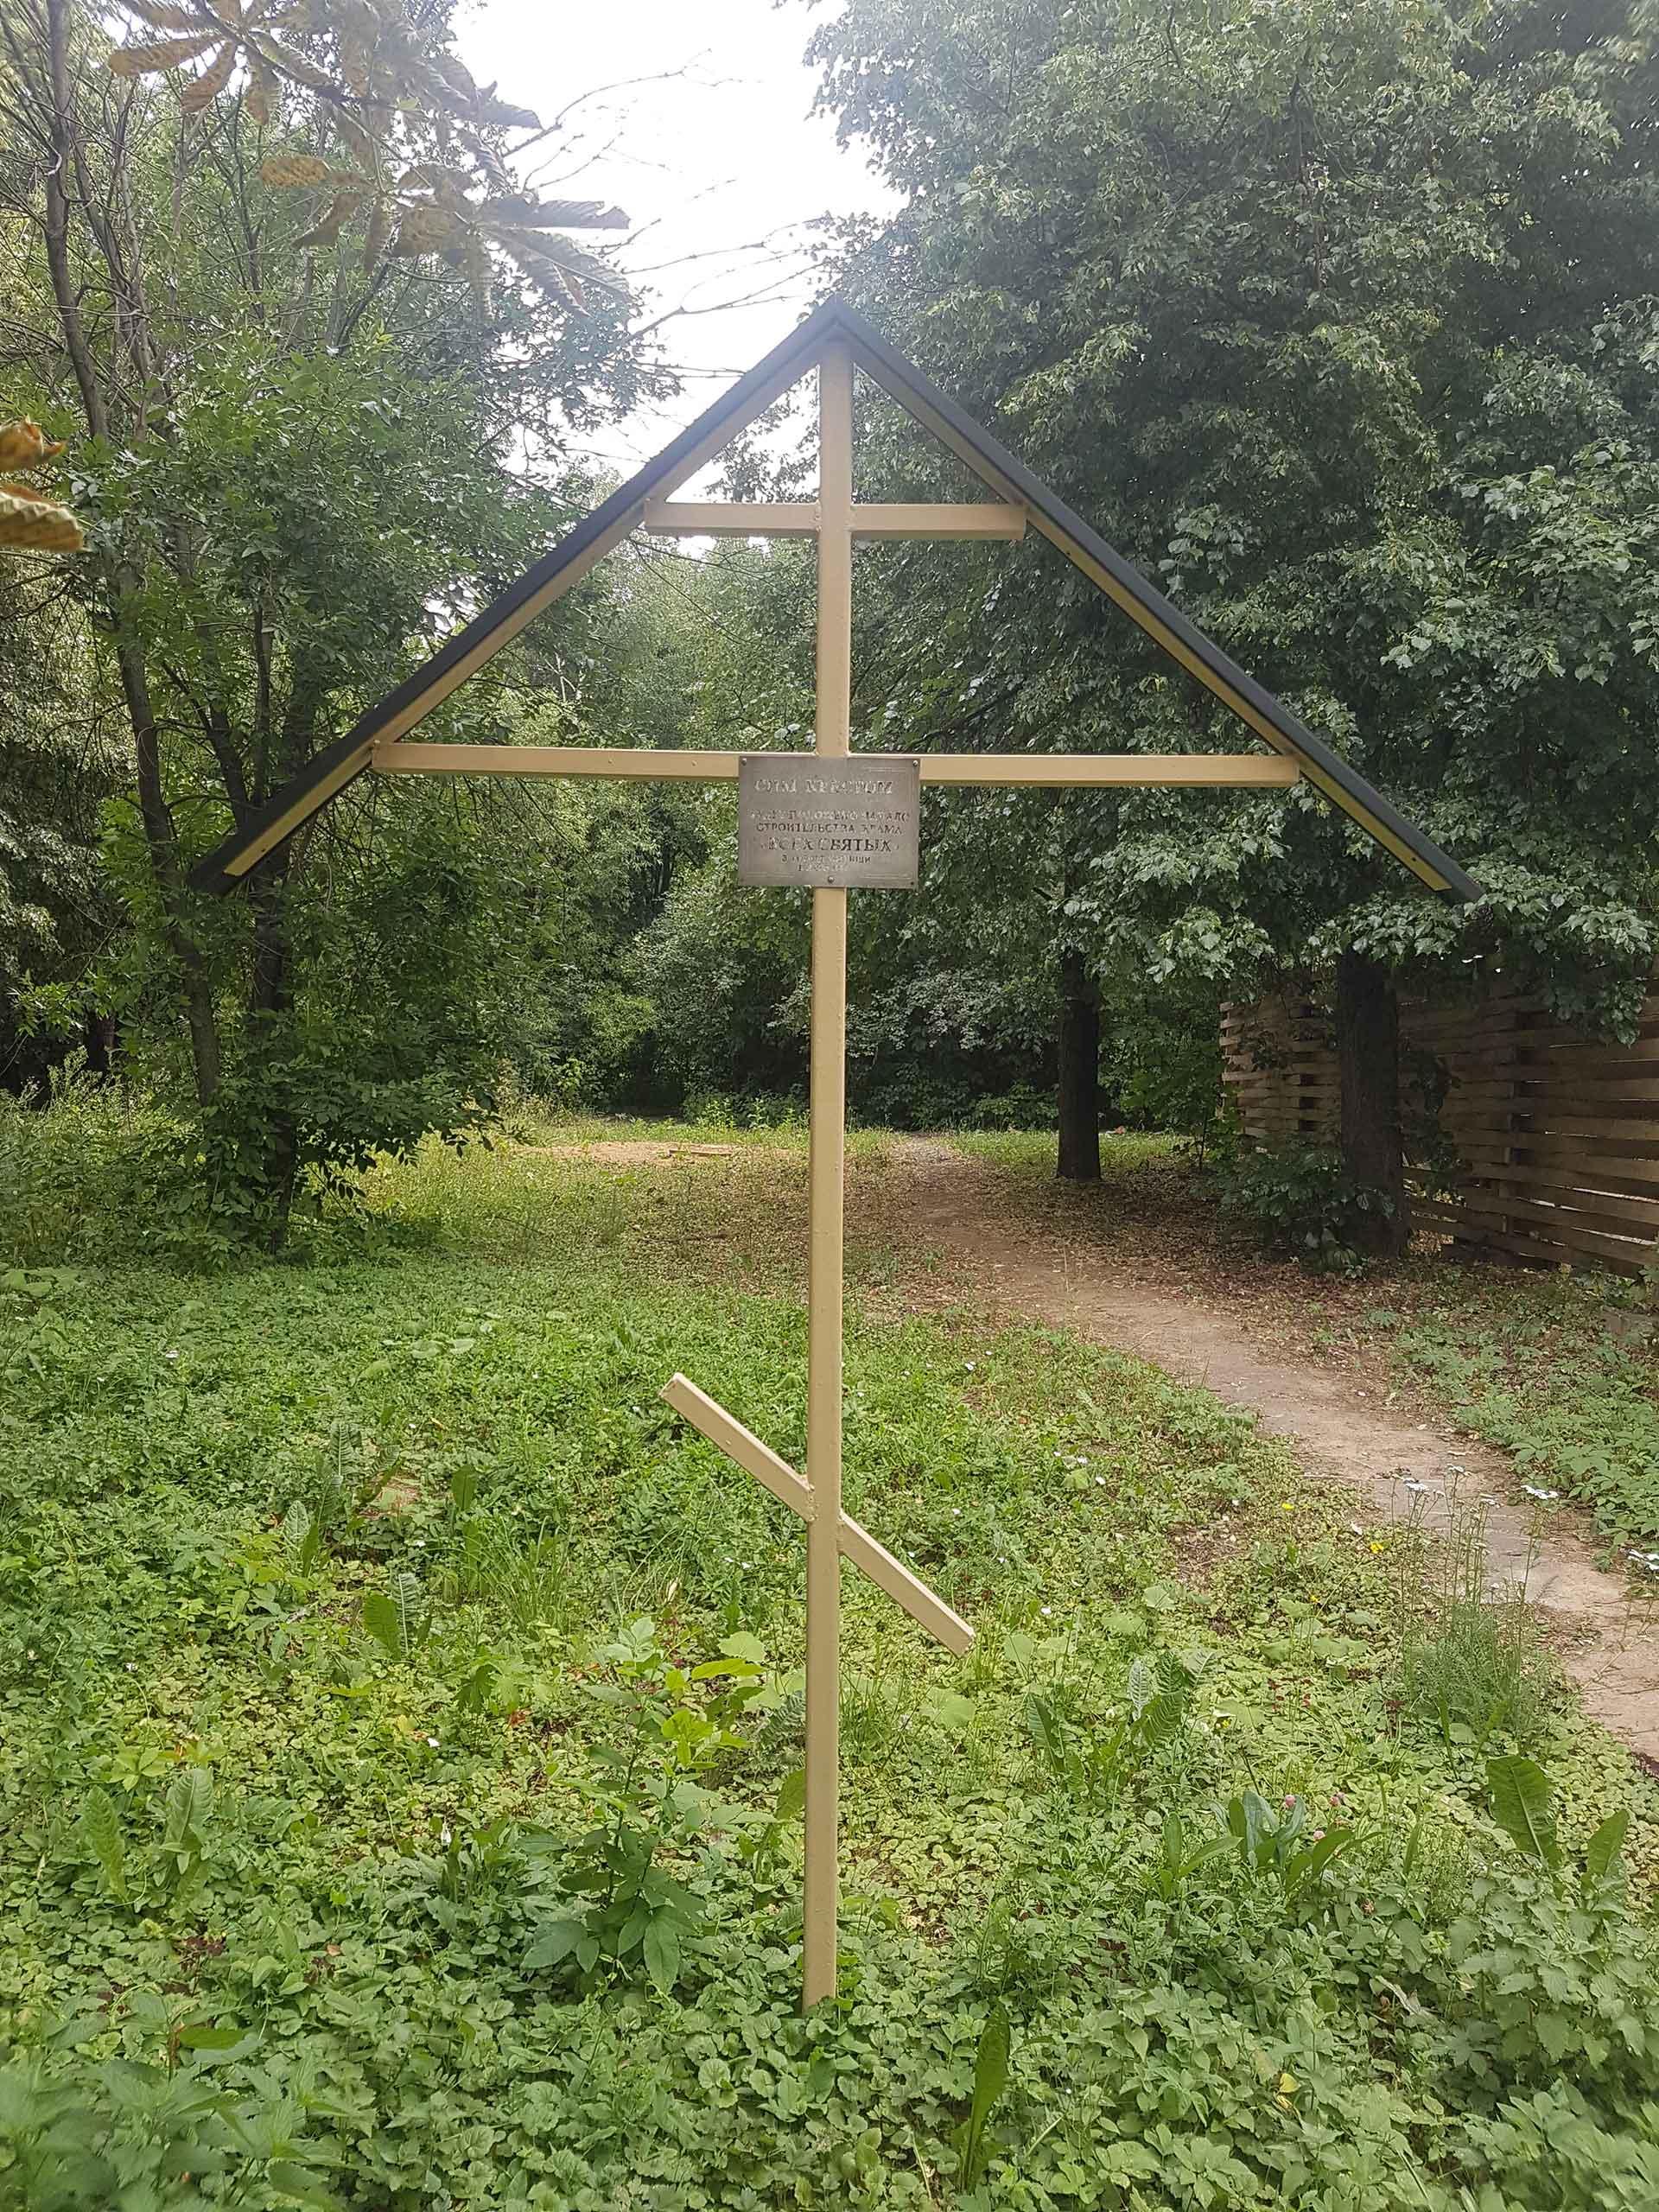 Самый простой вариант современного креста из металлического профиля. Надпись на табличке: «Сим Крестом будет положено начало строительства храма «Всех Святых» в городе Мытищи в лето 2004»